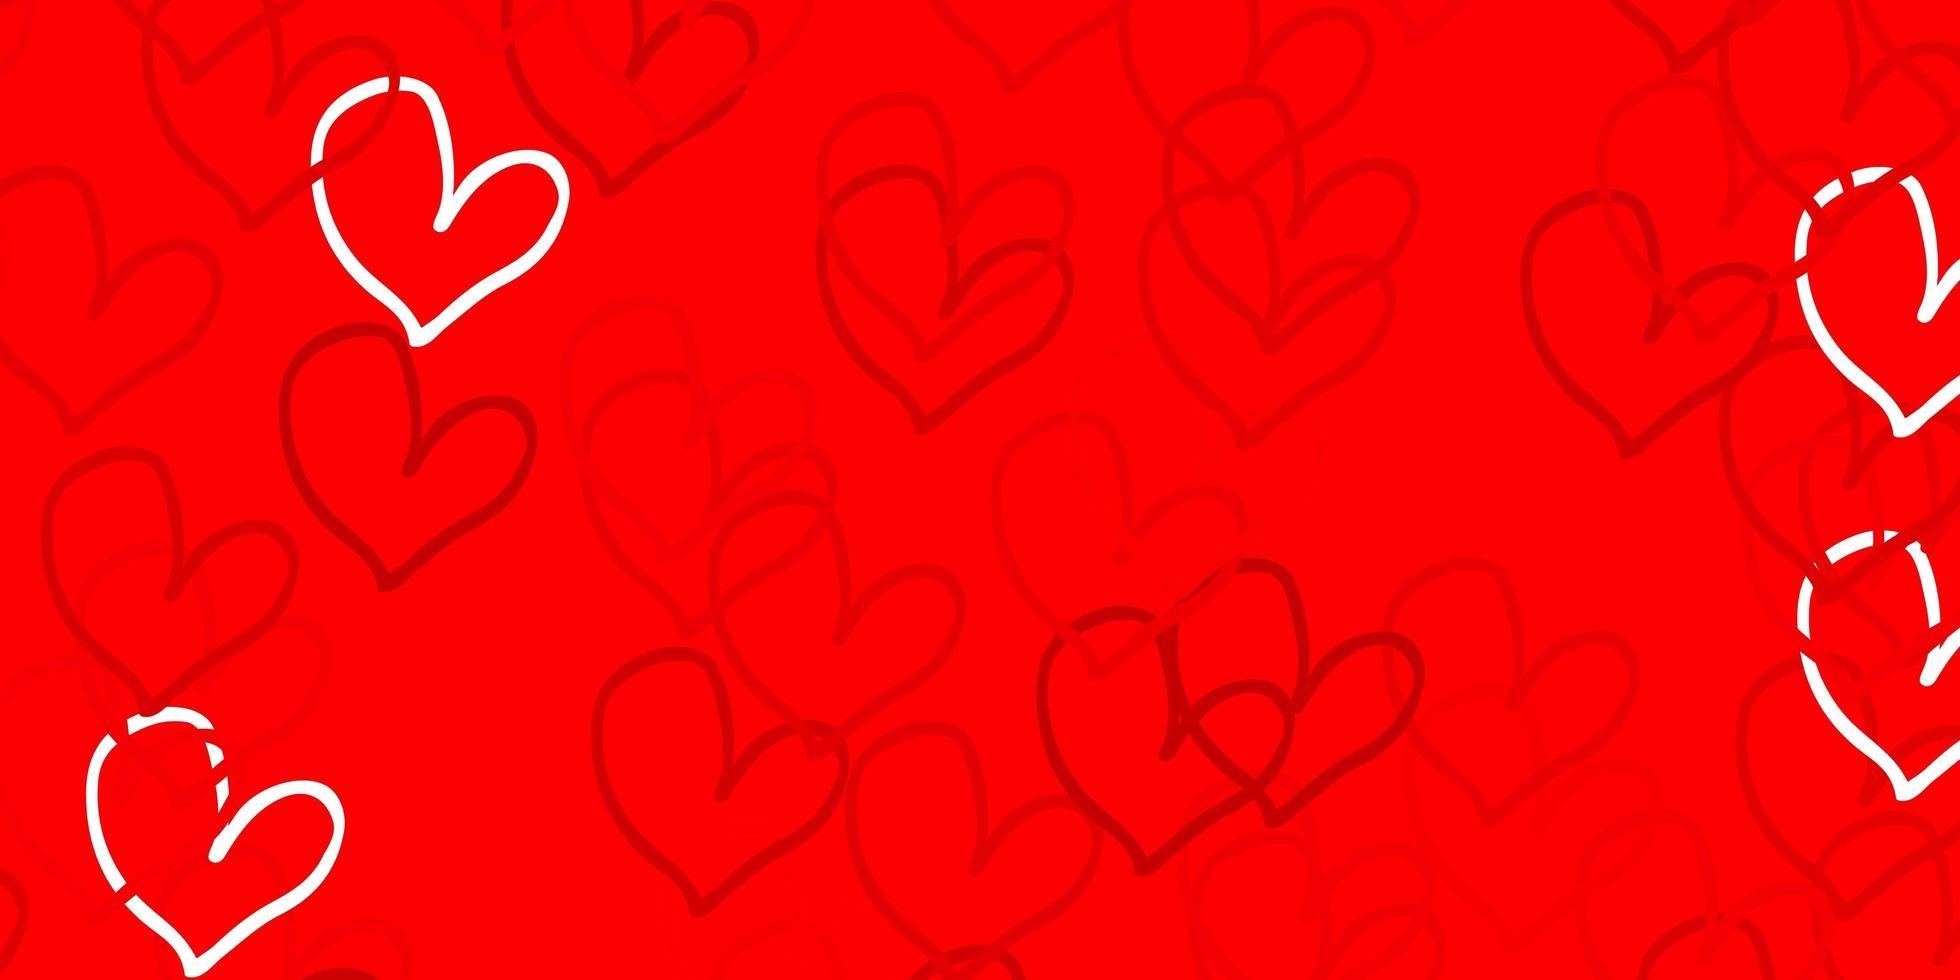 ljusröd vektorbakgrund med hjärtan. vektor